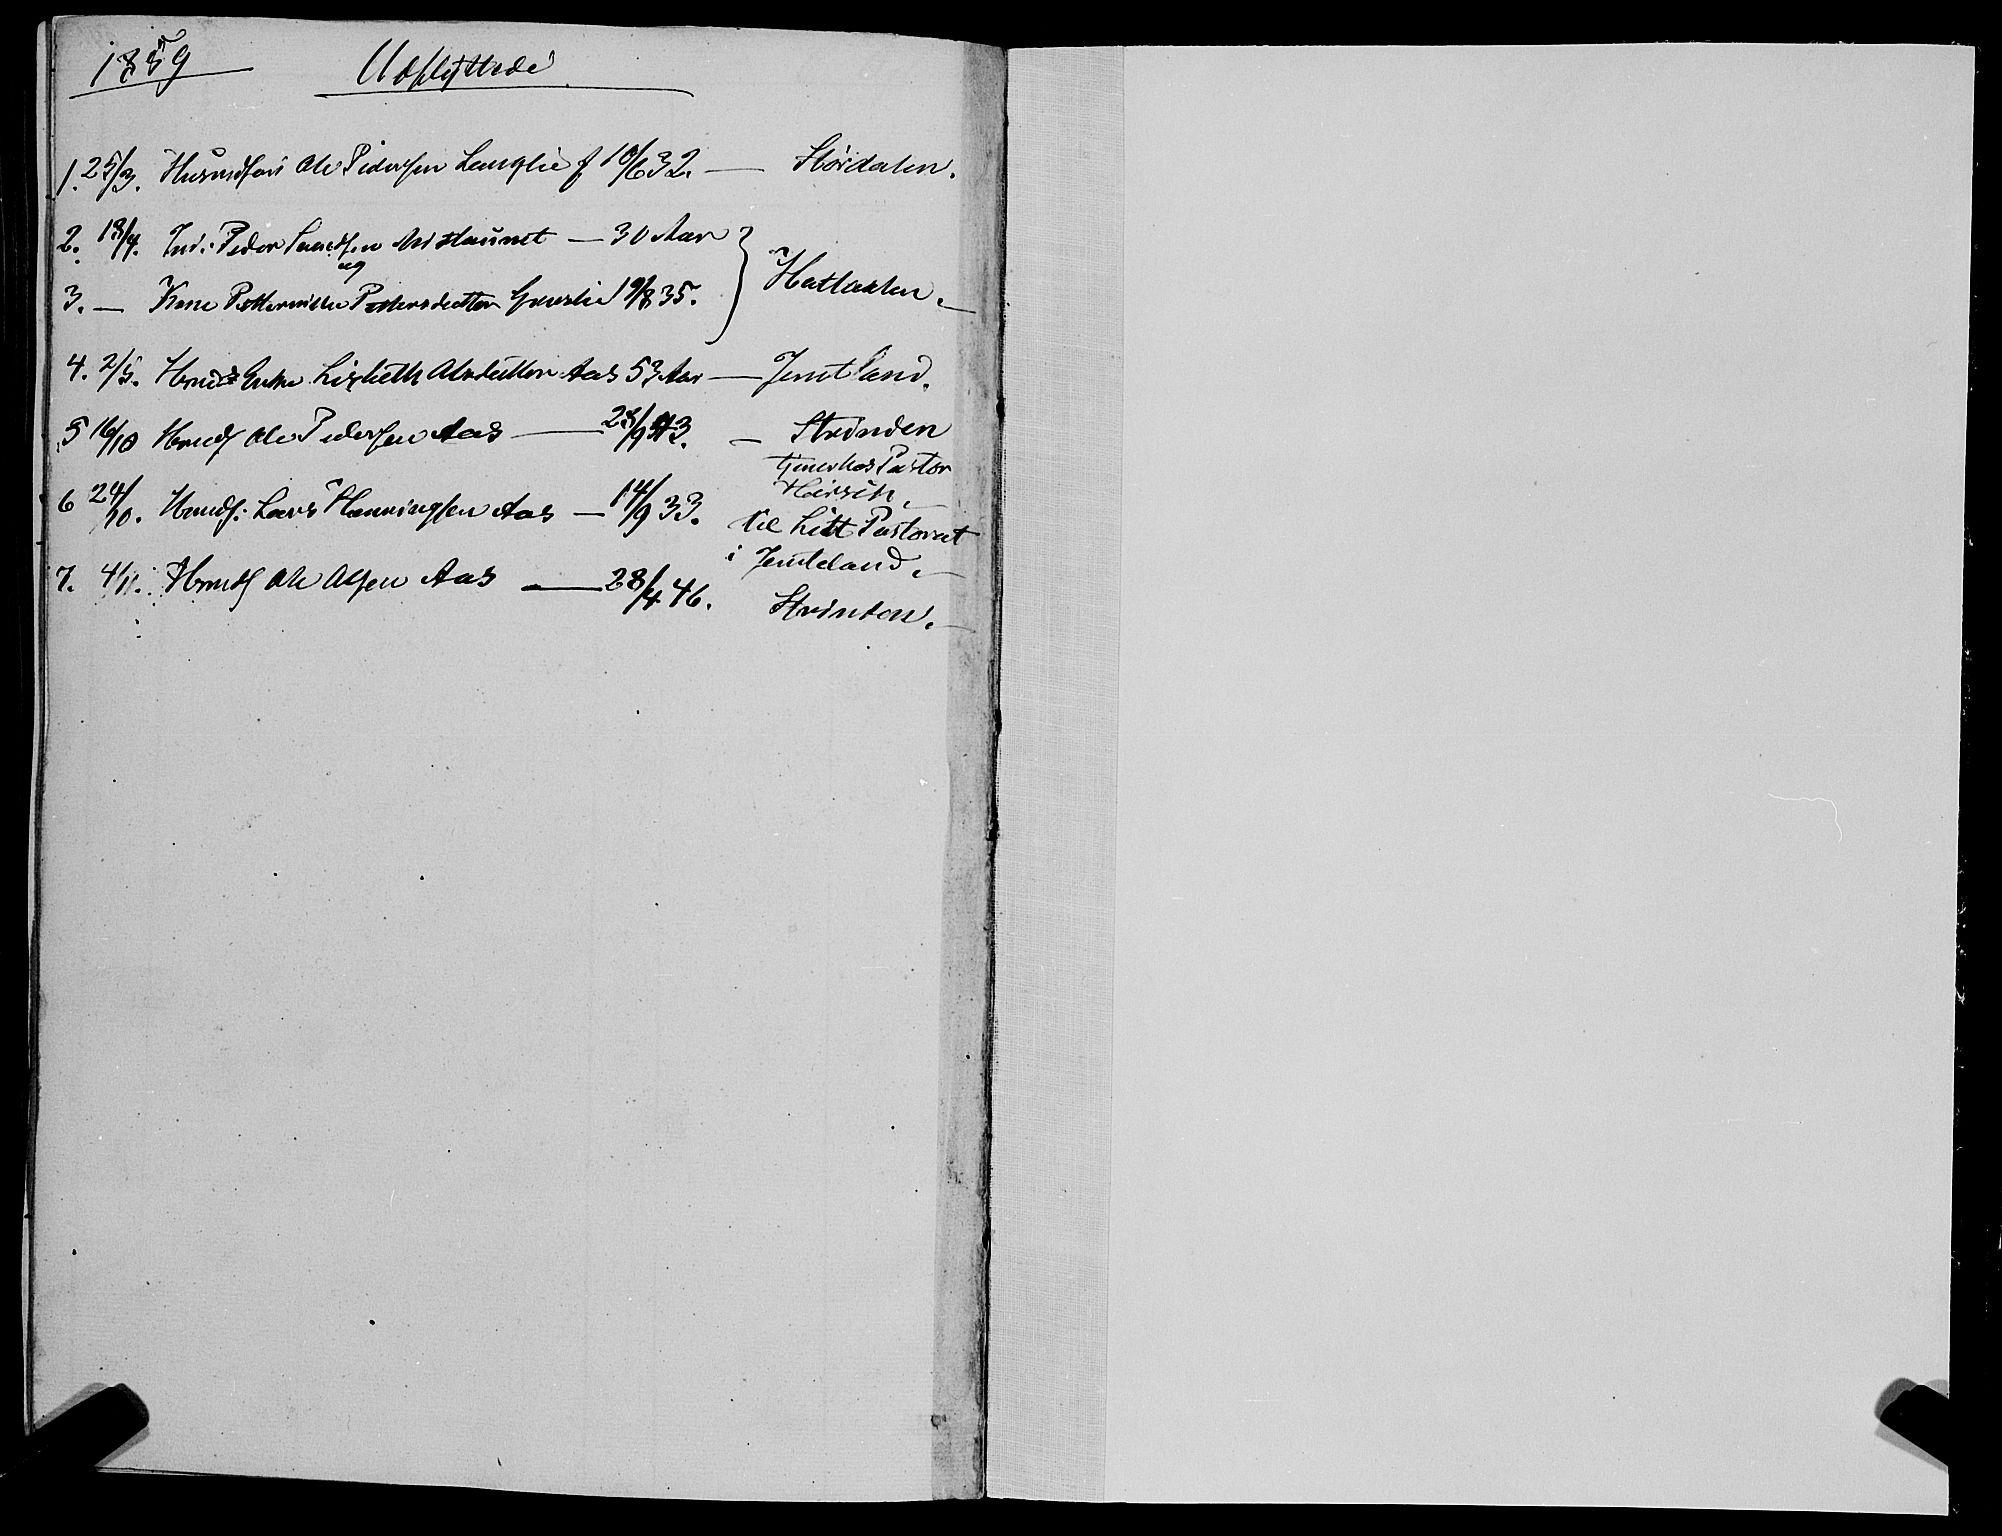 SAT, Ministerialprotokoller, klokkerbøker og fødselsregistre - Sør-Trøndelag, 695/L1145: Ministerialbok nr. 695A06 /1, 1843-1859